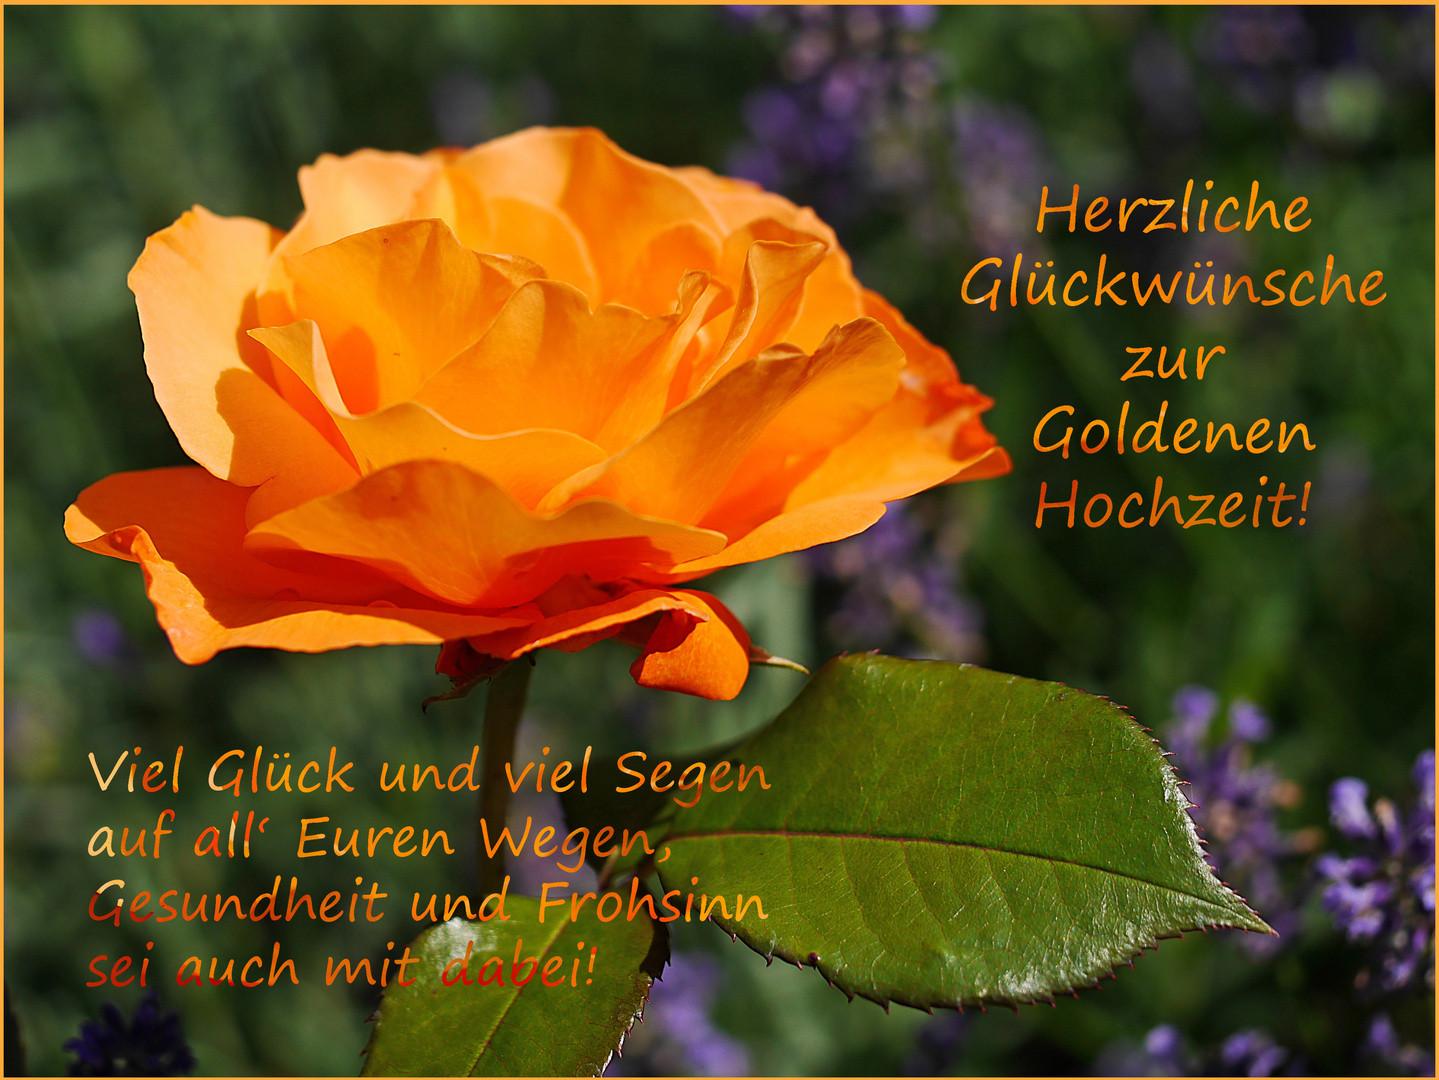 Glückwünsche Zur Goldenen Hochzeit  Herzliche Glückwünsche zur Goldenen Hochzeit Foto & Bild